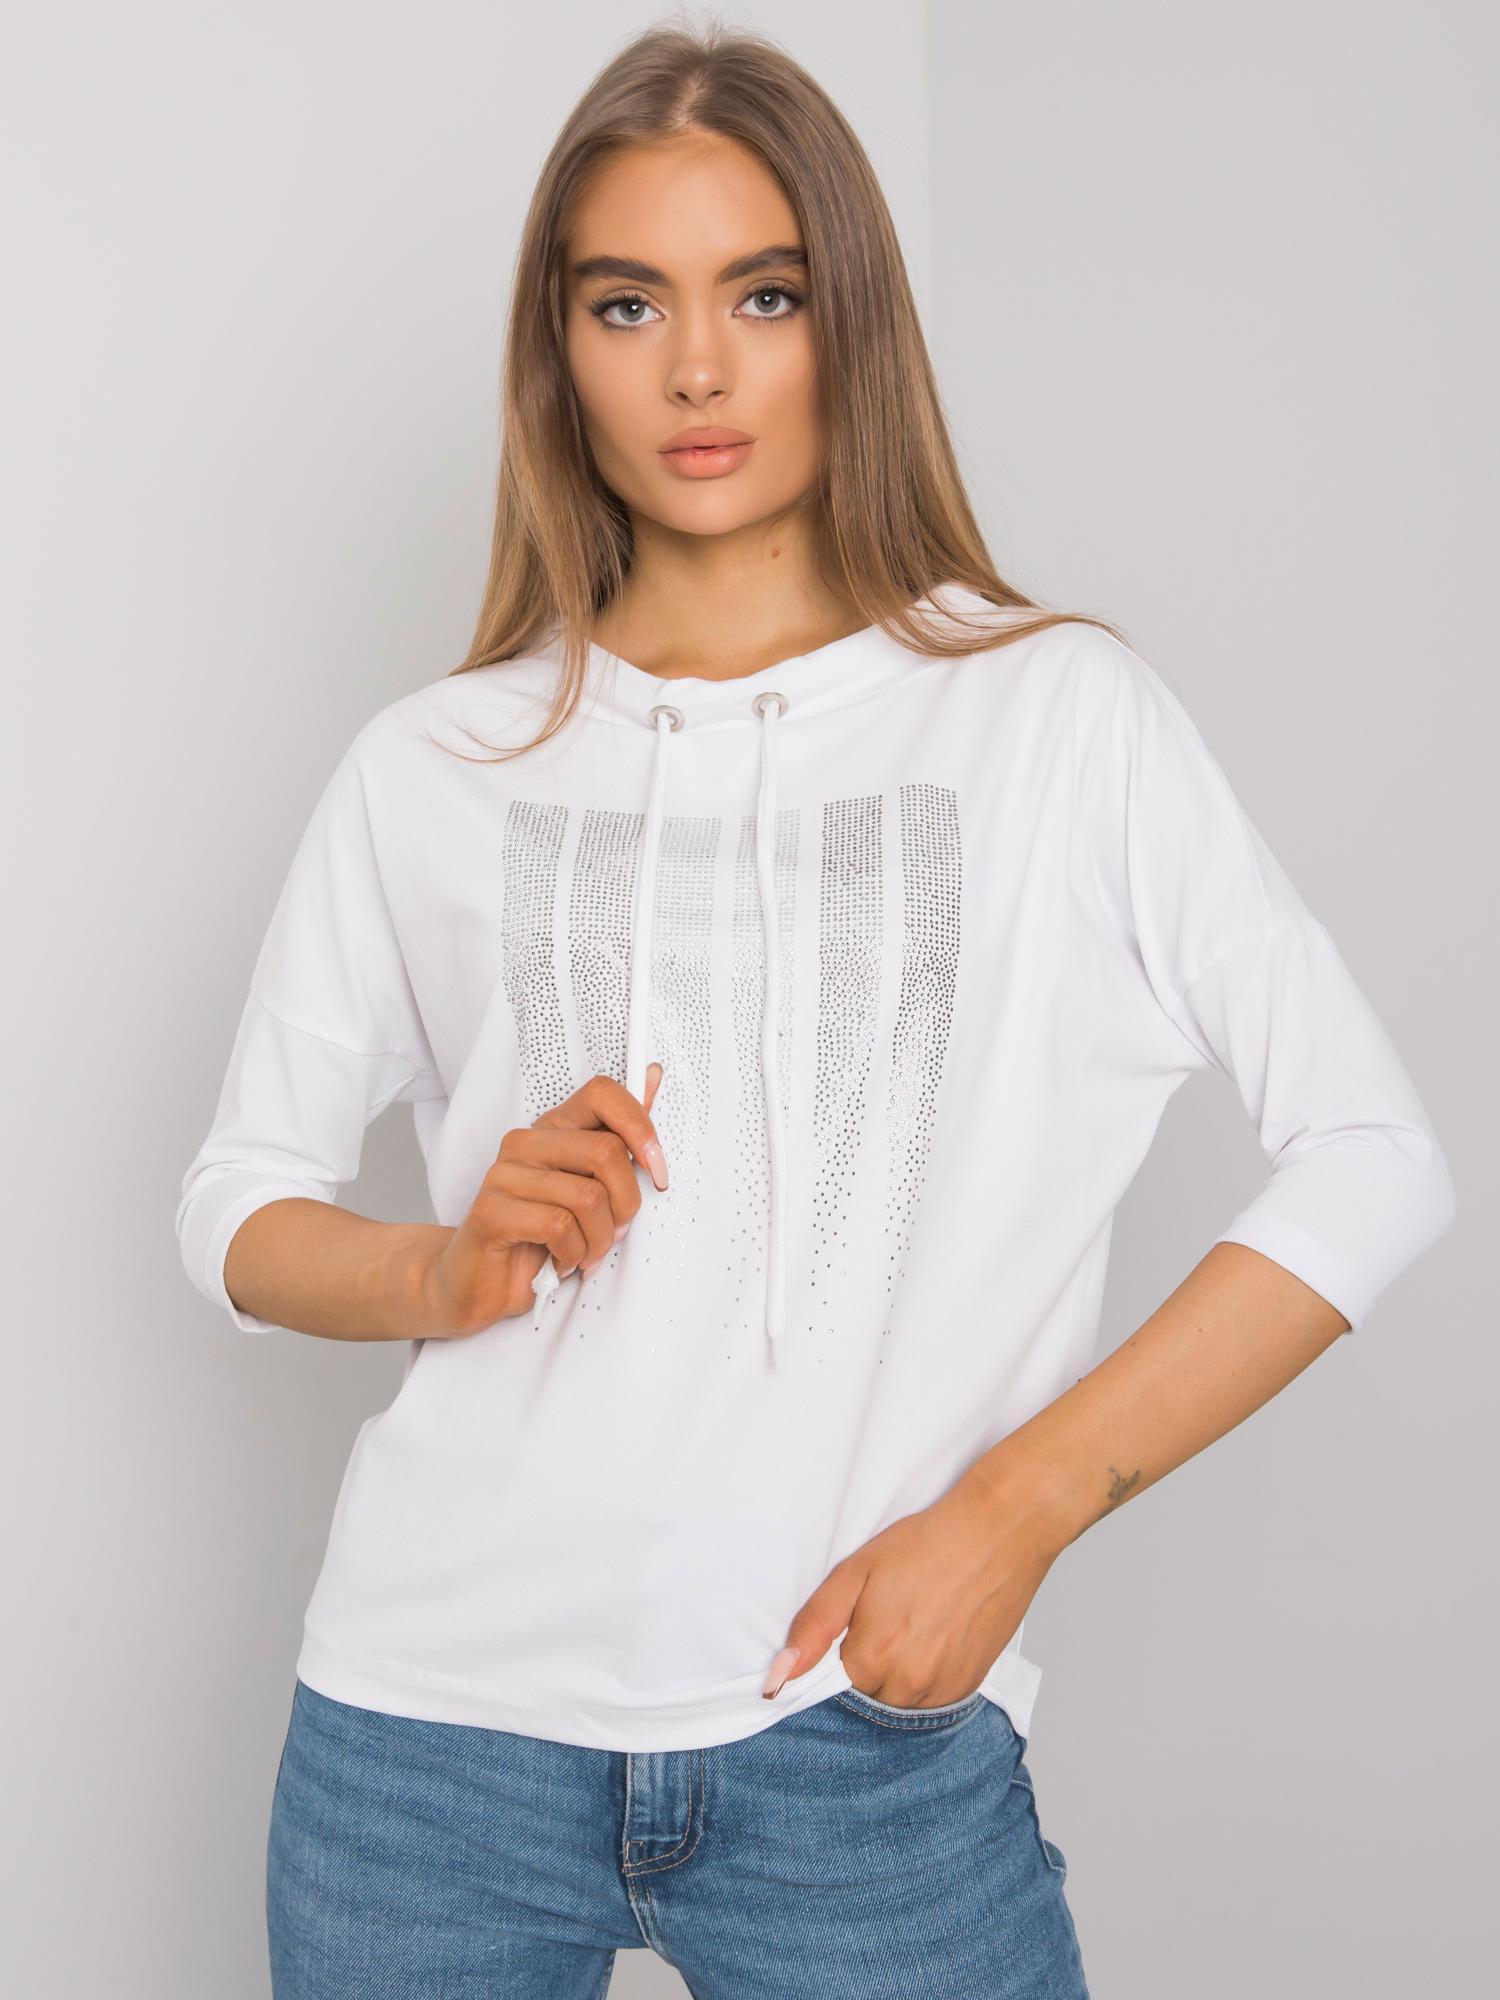 Biela bavlnená dámska blúzka M/L